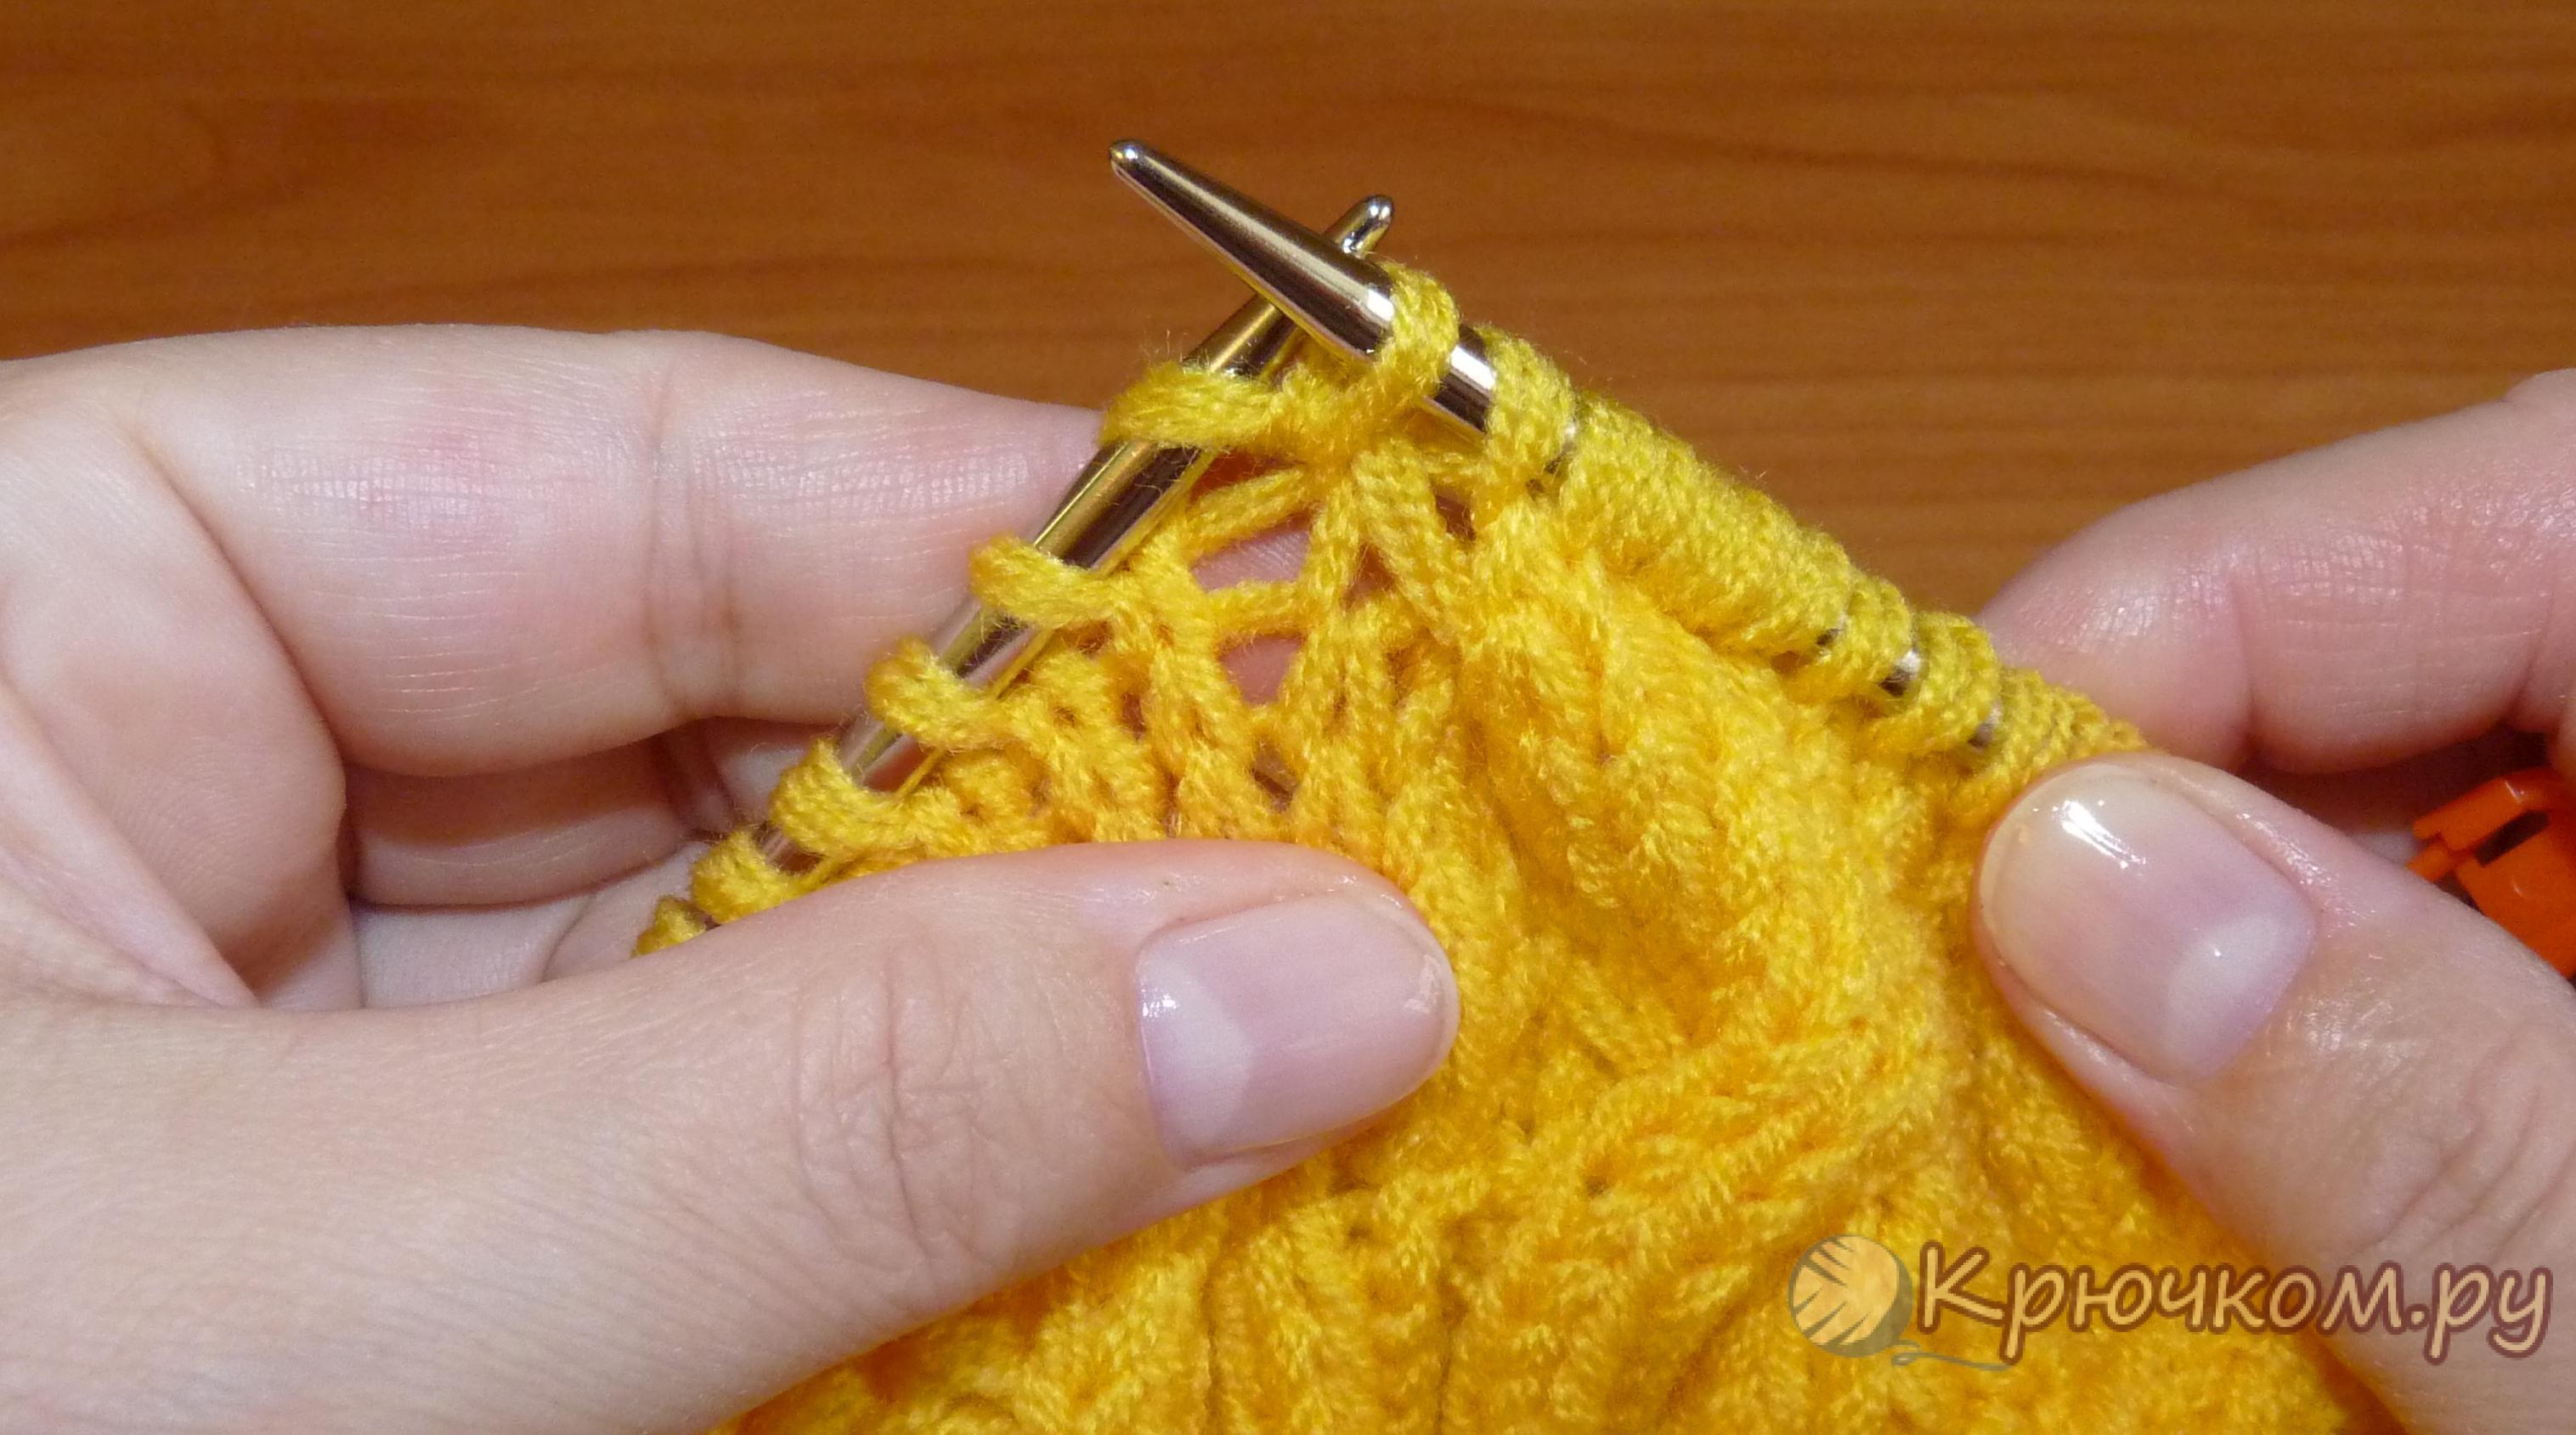 Вязание на спицах: мастер -классы для начинающих и профессионалов на 71